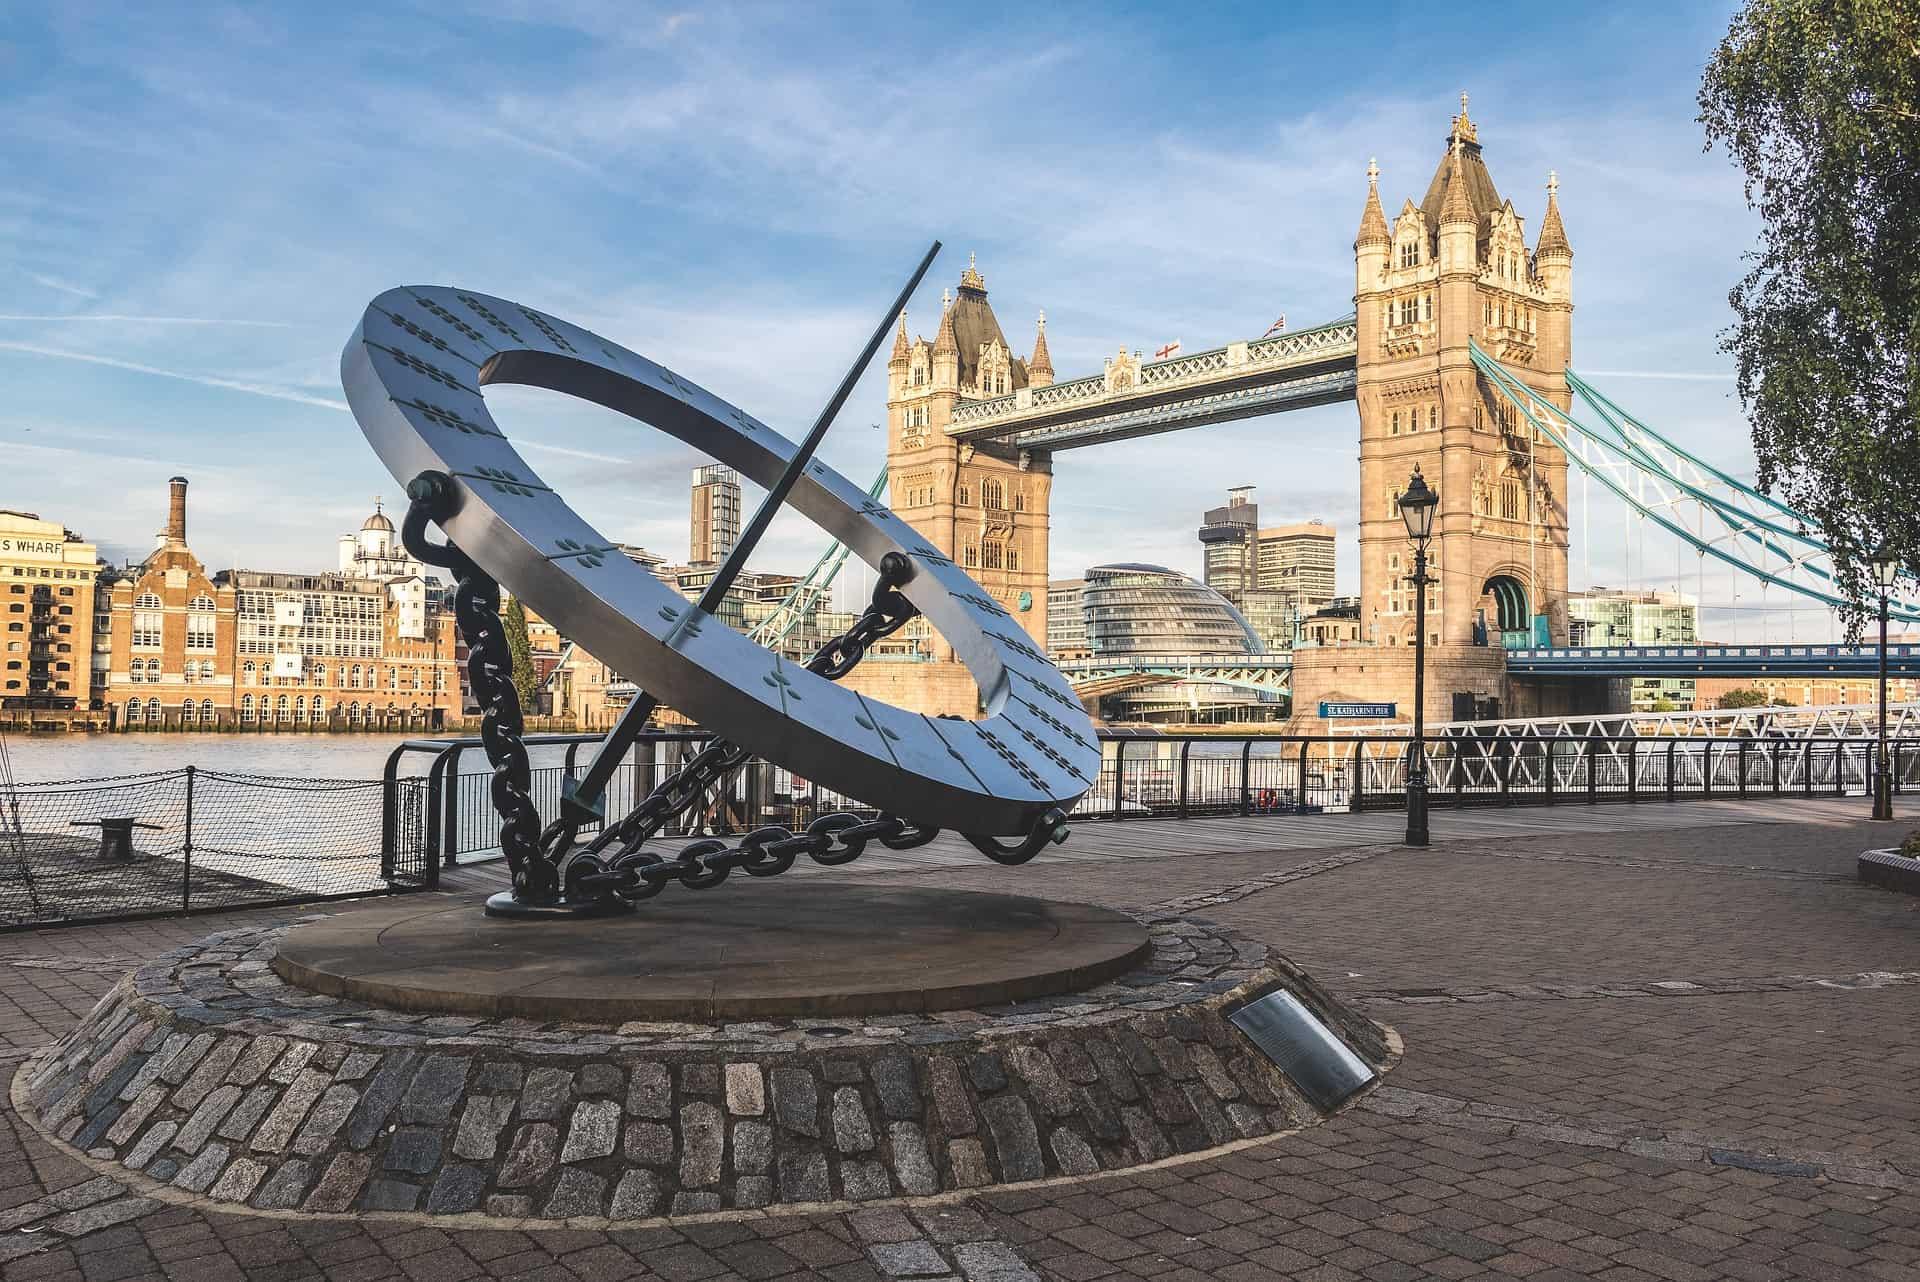 Städtereise - Wochenendtrip London